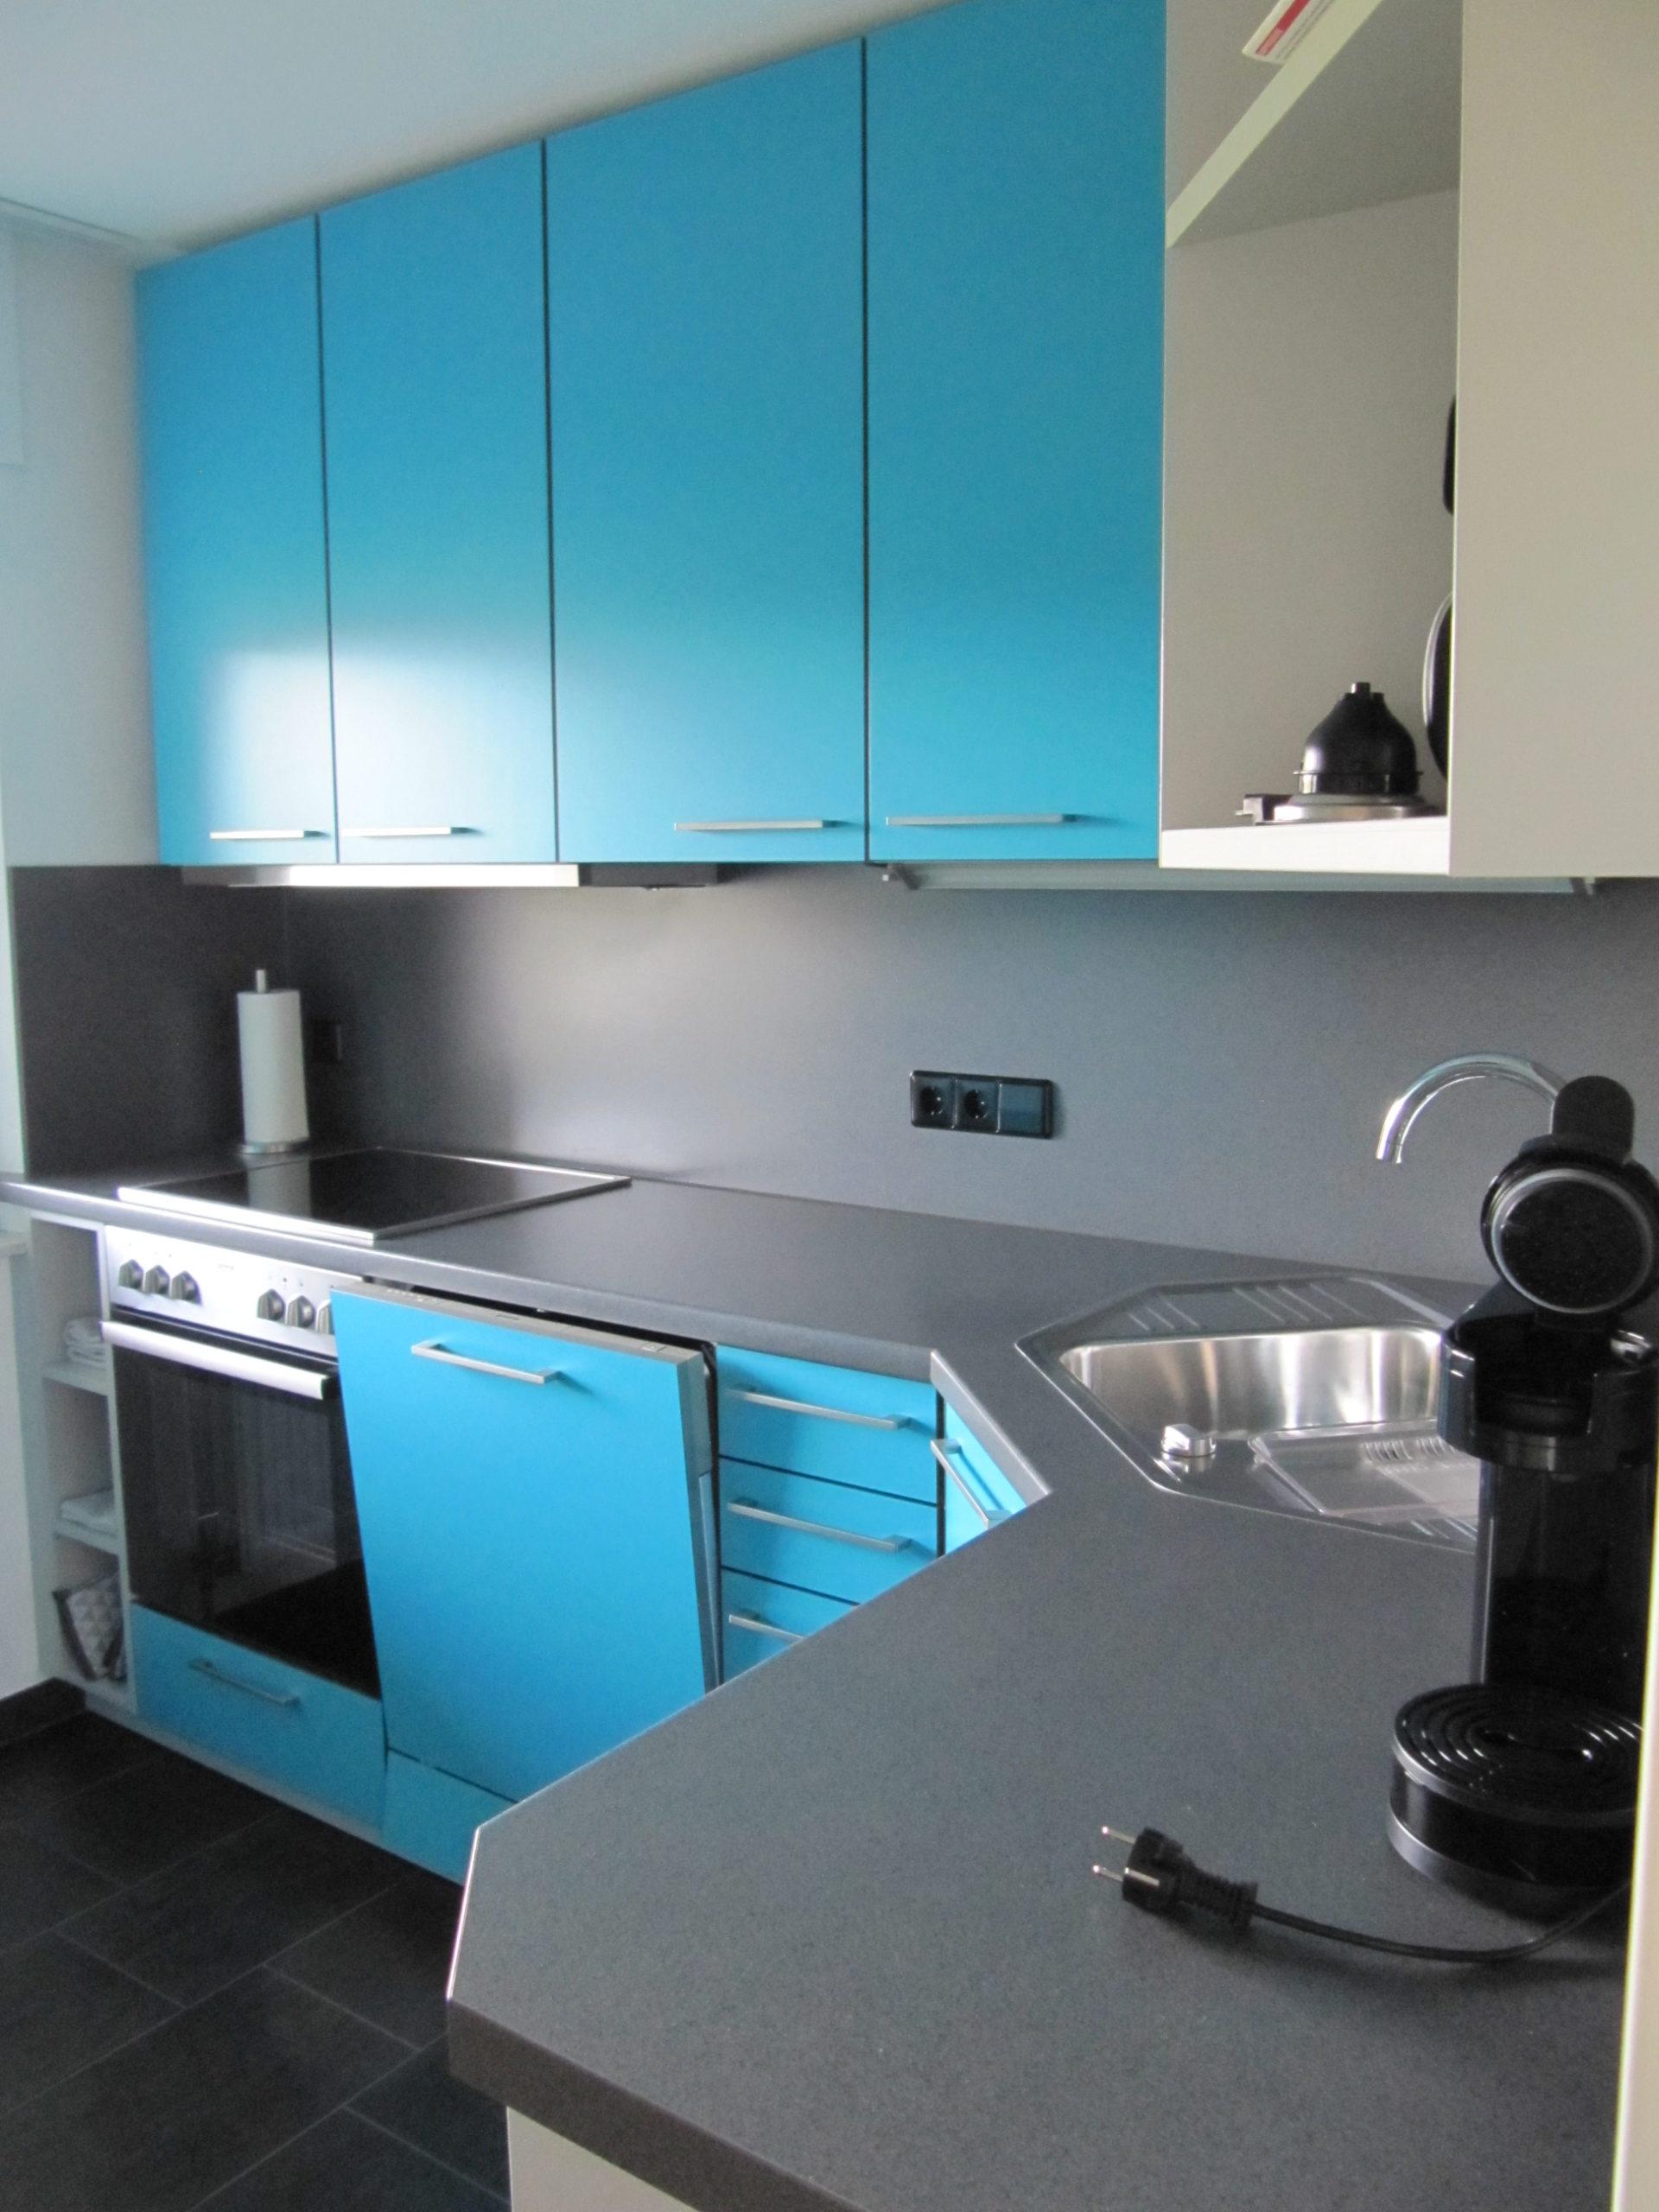 Einbauküche in Blau mit Herd und Spülmaschine